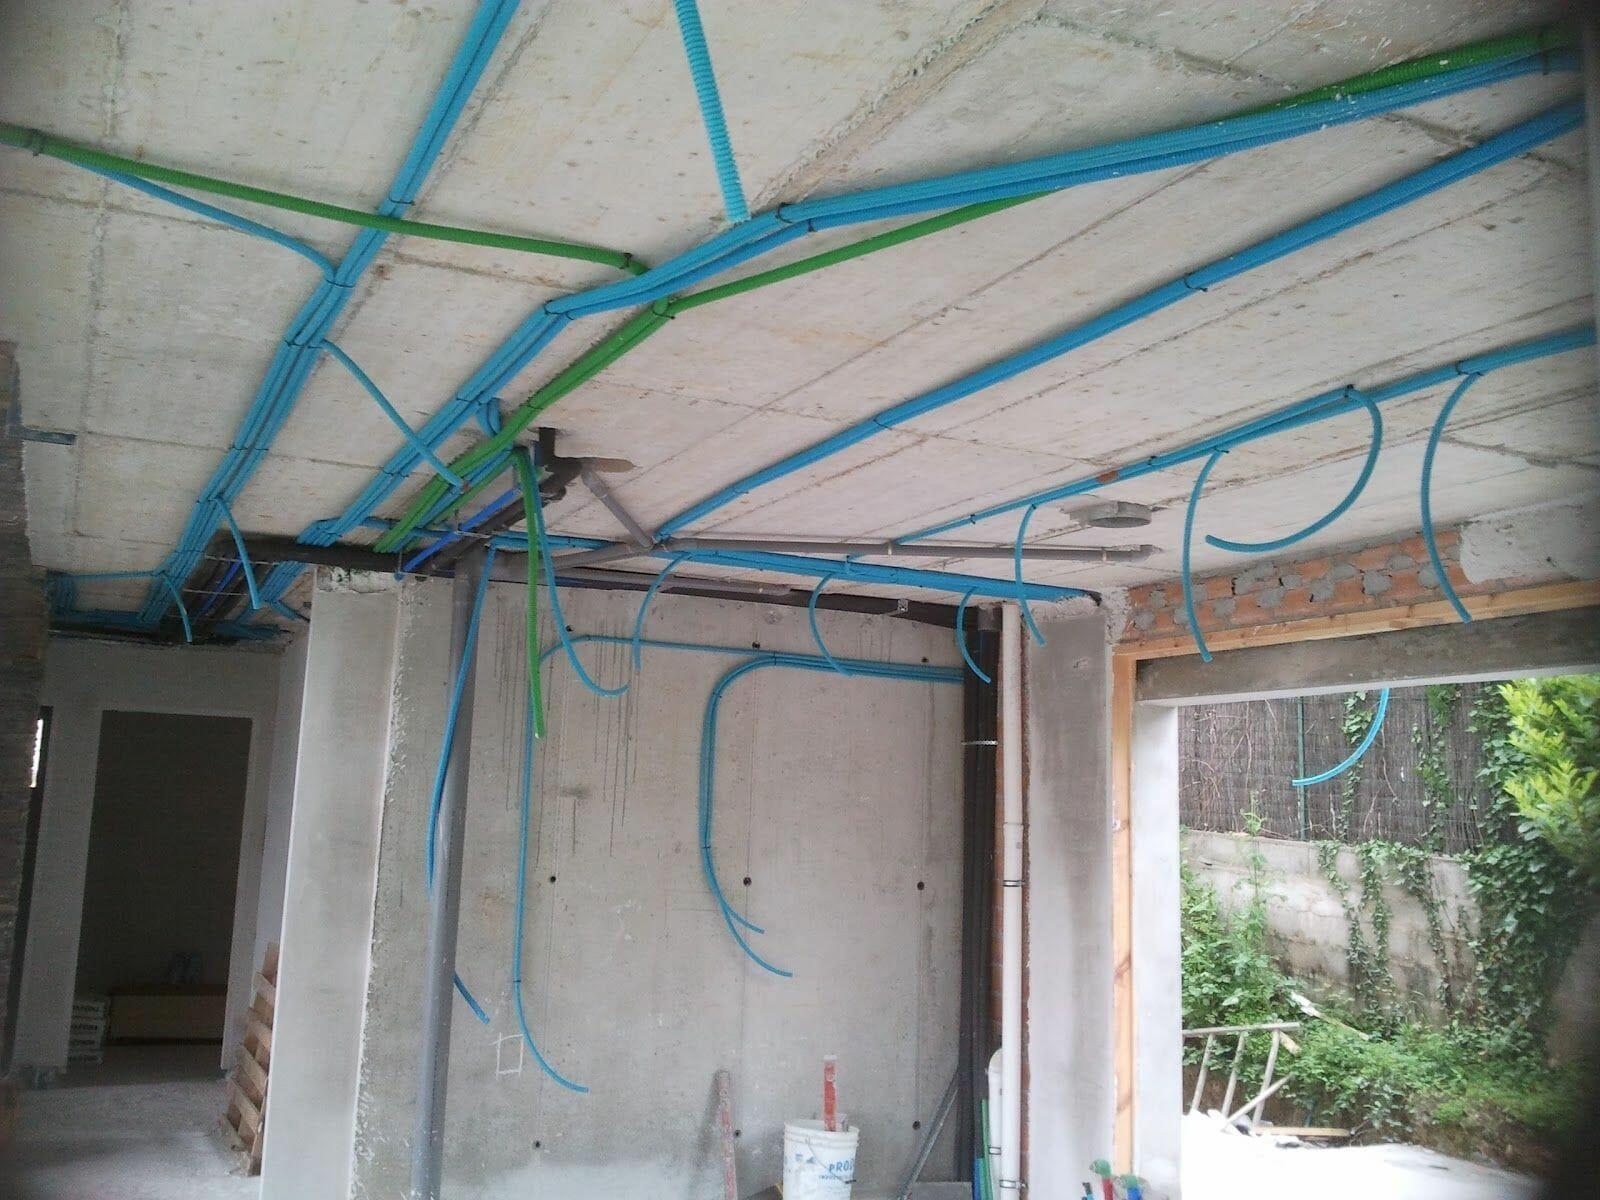 instalacion electrica de una vivienda. Tabiques